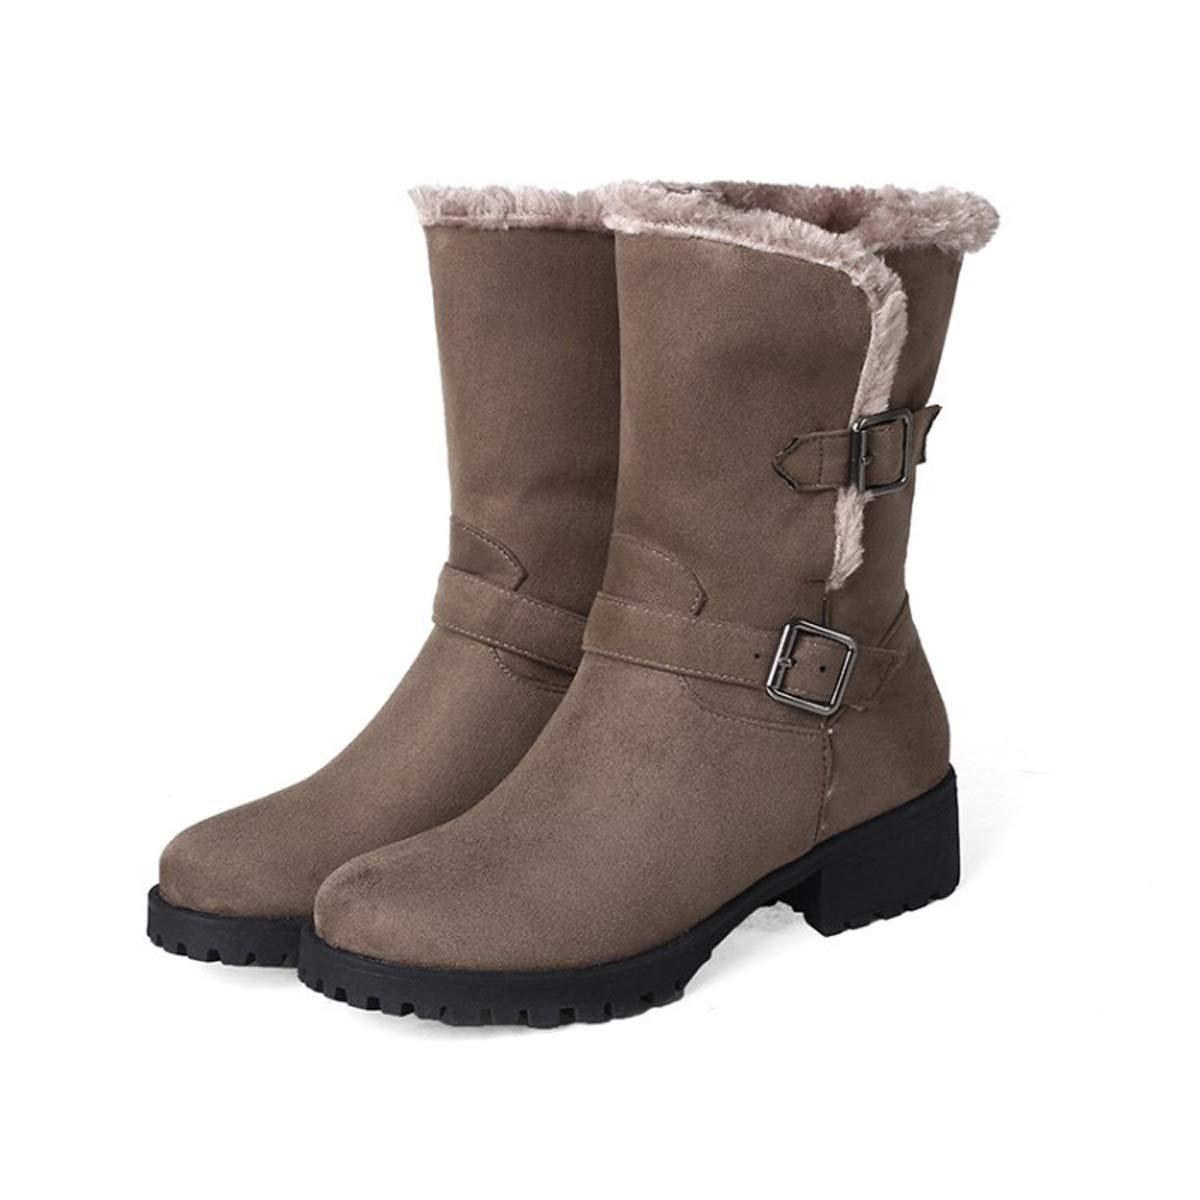 B 36EU DANDANJIE Les Les dames Martin Bottes Femmes Hiver Chaud Linned mi Mollet Cheville Boucle Chaussures Bottes Taille,A,41EU